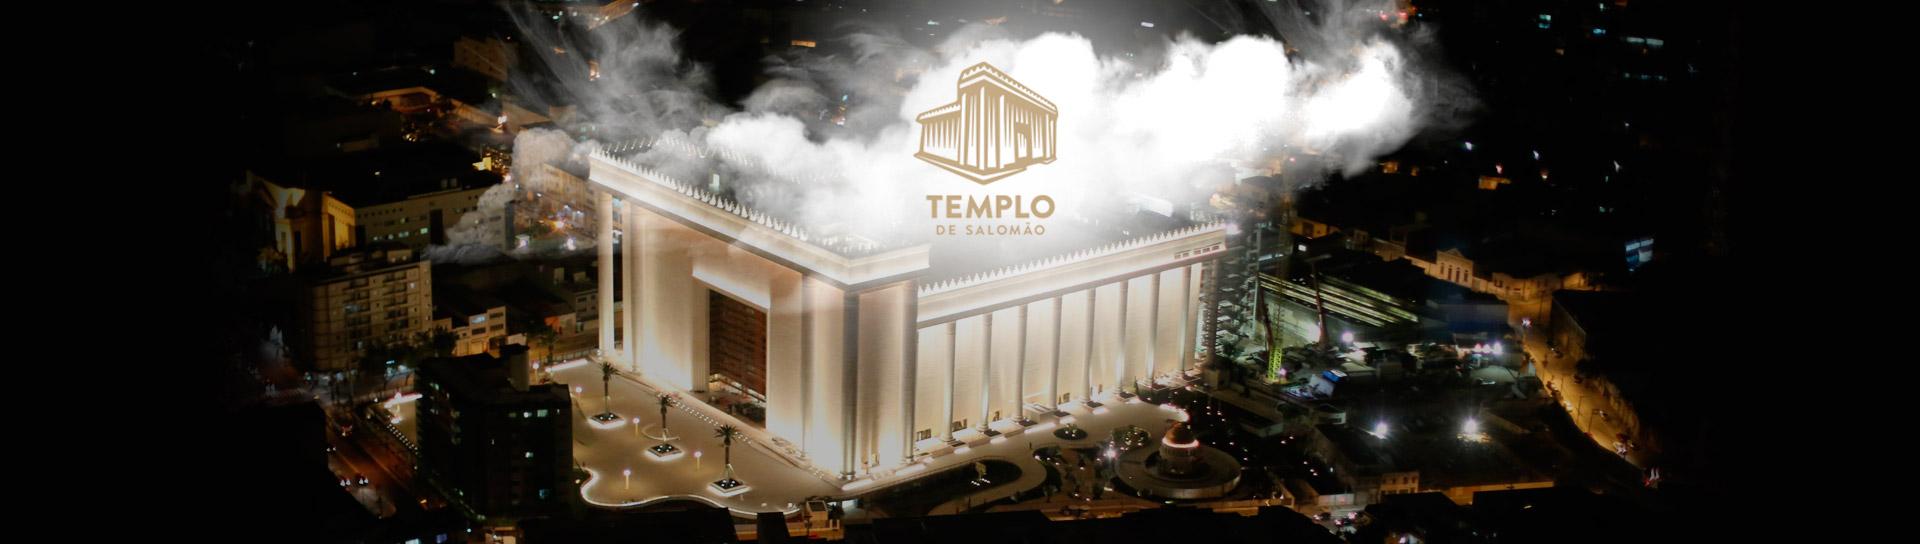 Hotel próximo ao Templo de salomao